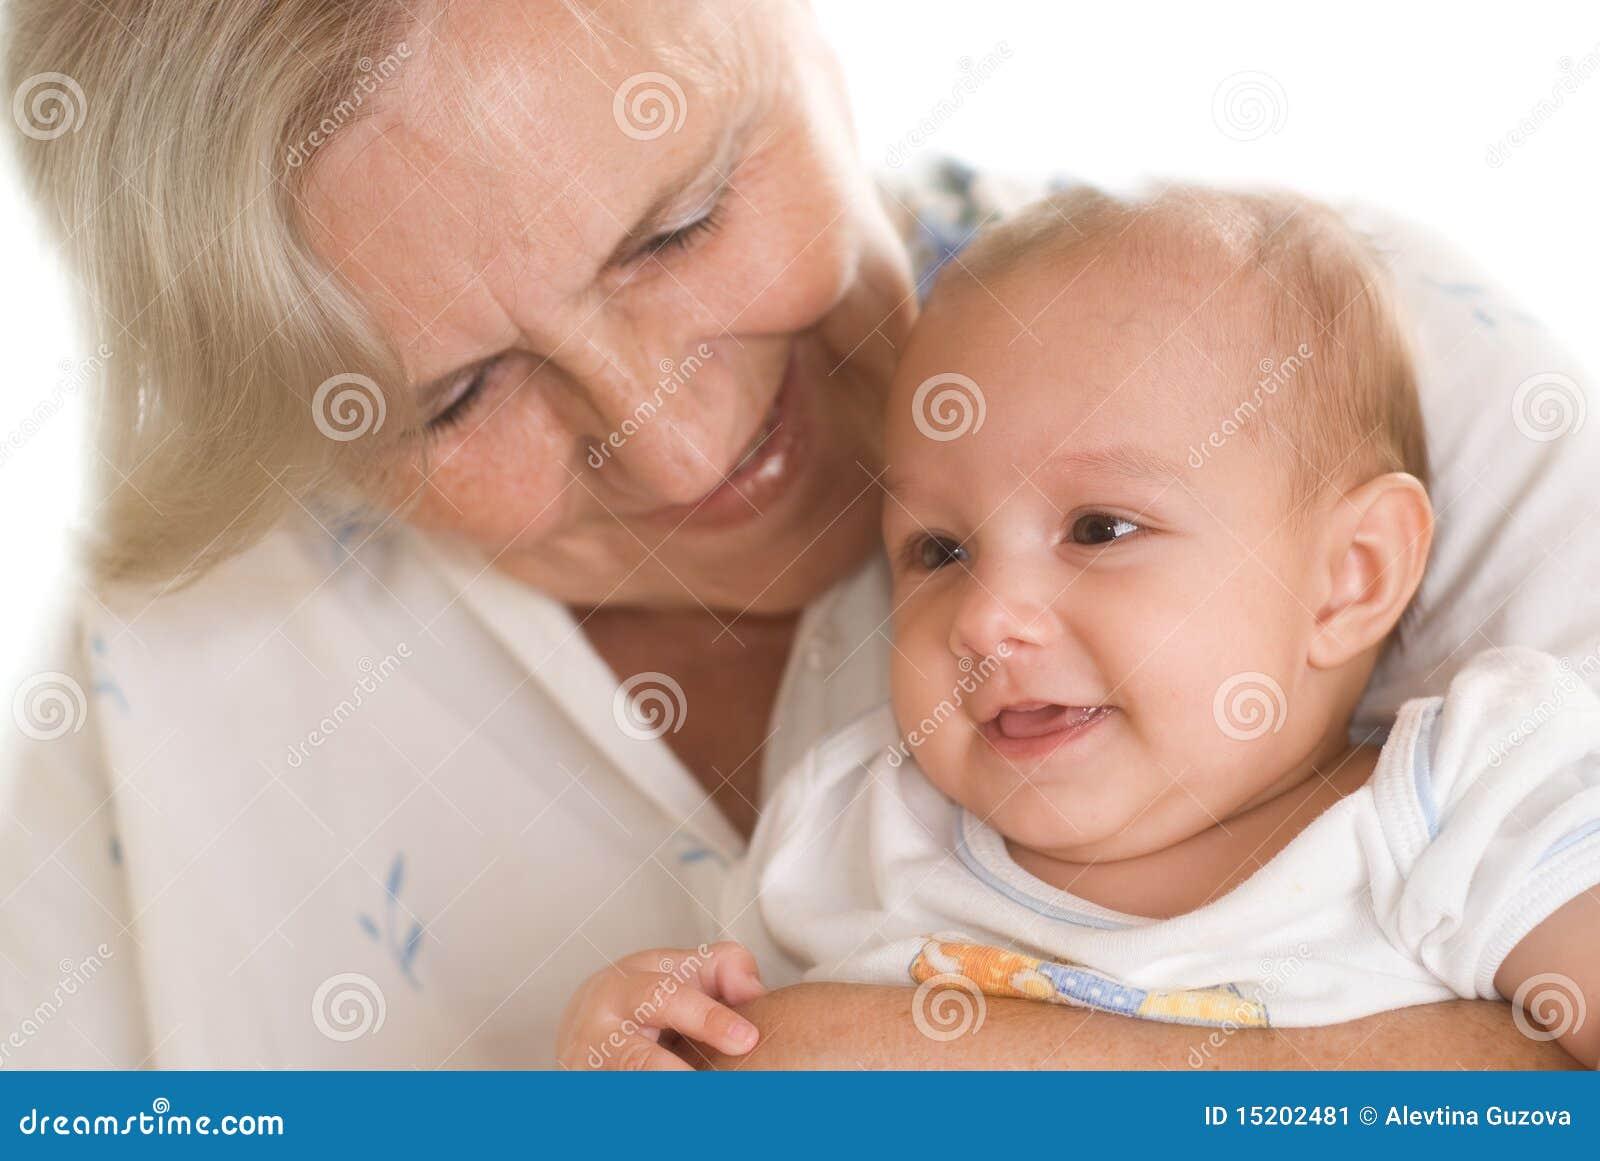 Ηλικιωμένη γυναίκα που κρατά έναν νεογέννητο